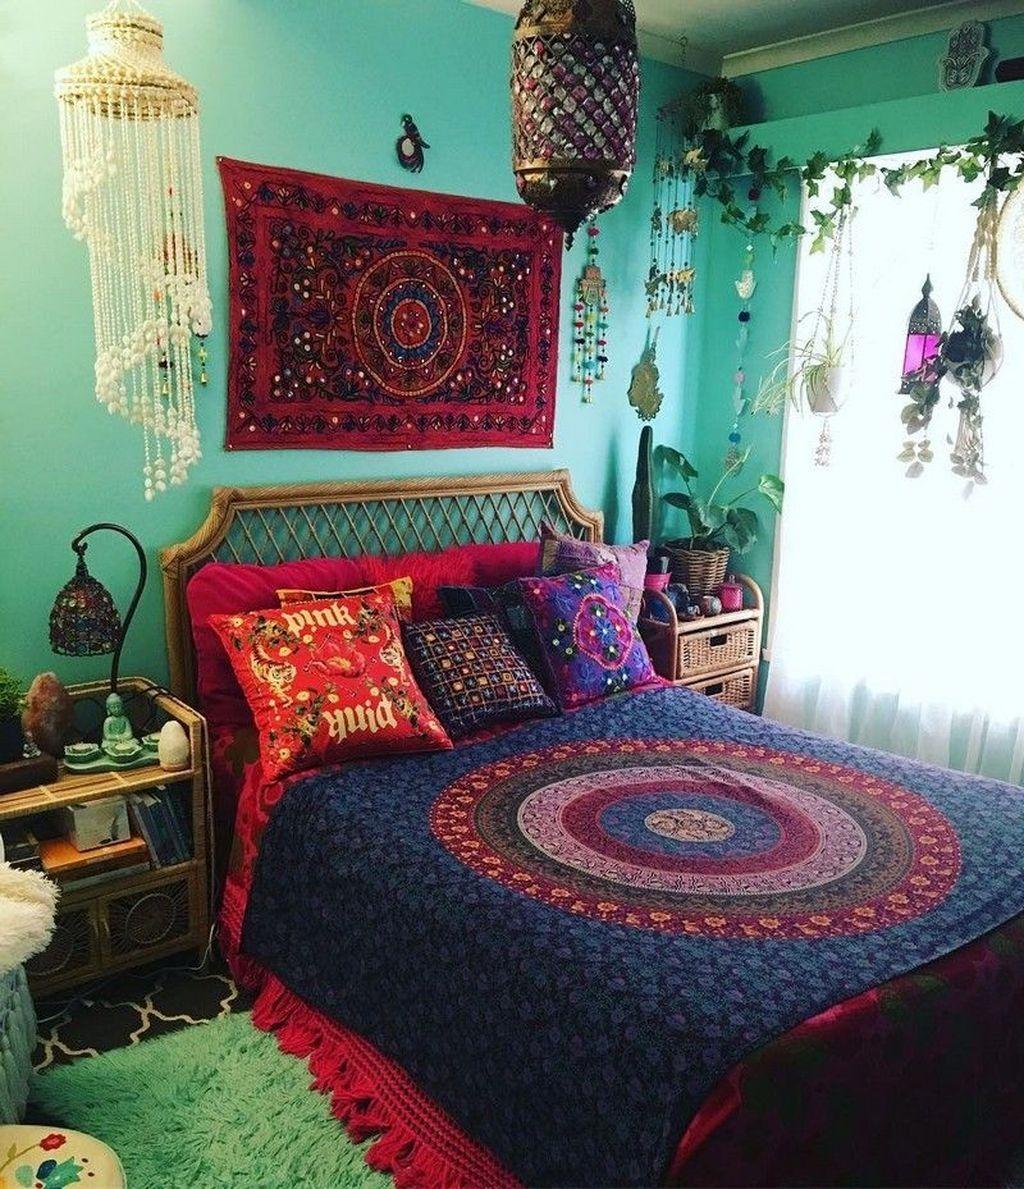 39 Cozy Diy Bohemian Bedroom Decor Ideas images